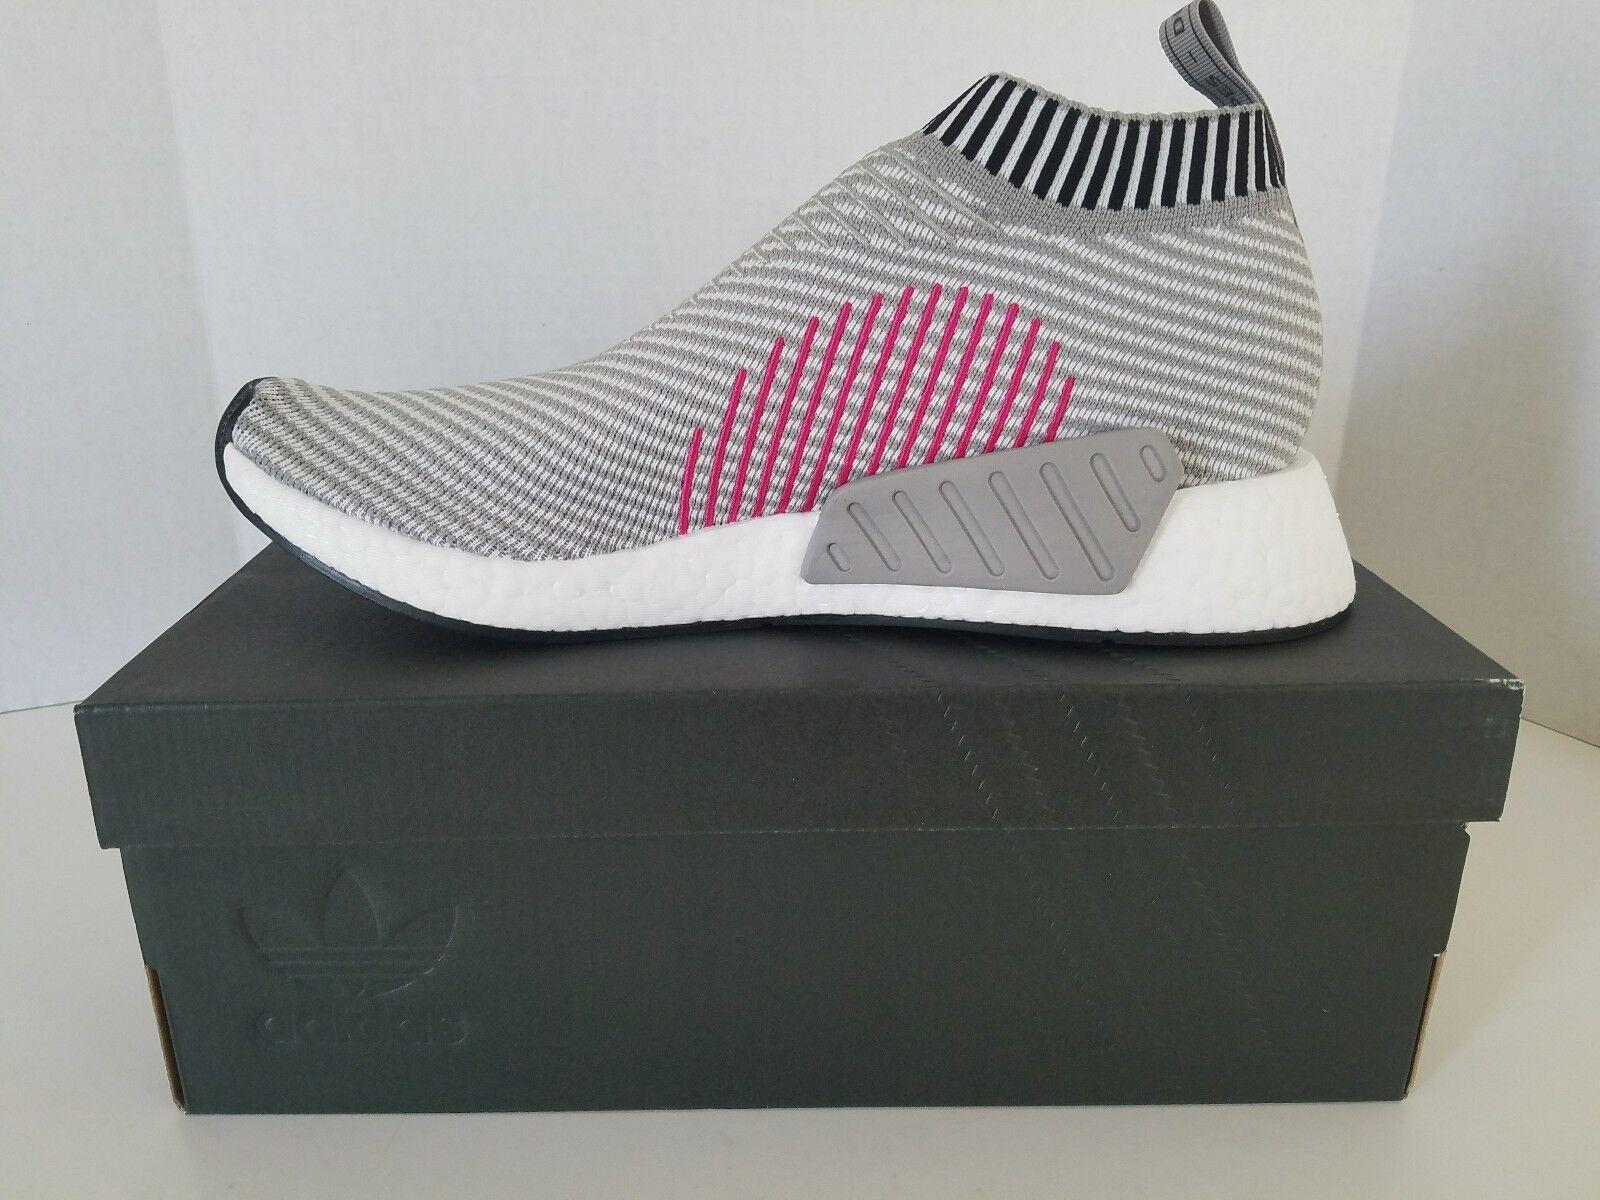 Adidas grey nmd cs2 pk nucleo grey Adidas shock rosa ba7187 citt sock uomini sz 12 navi! 6fbc86